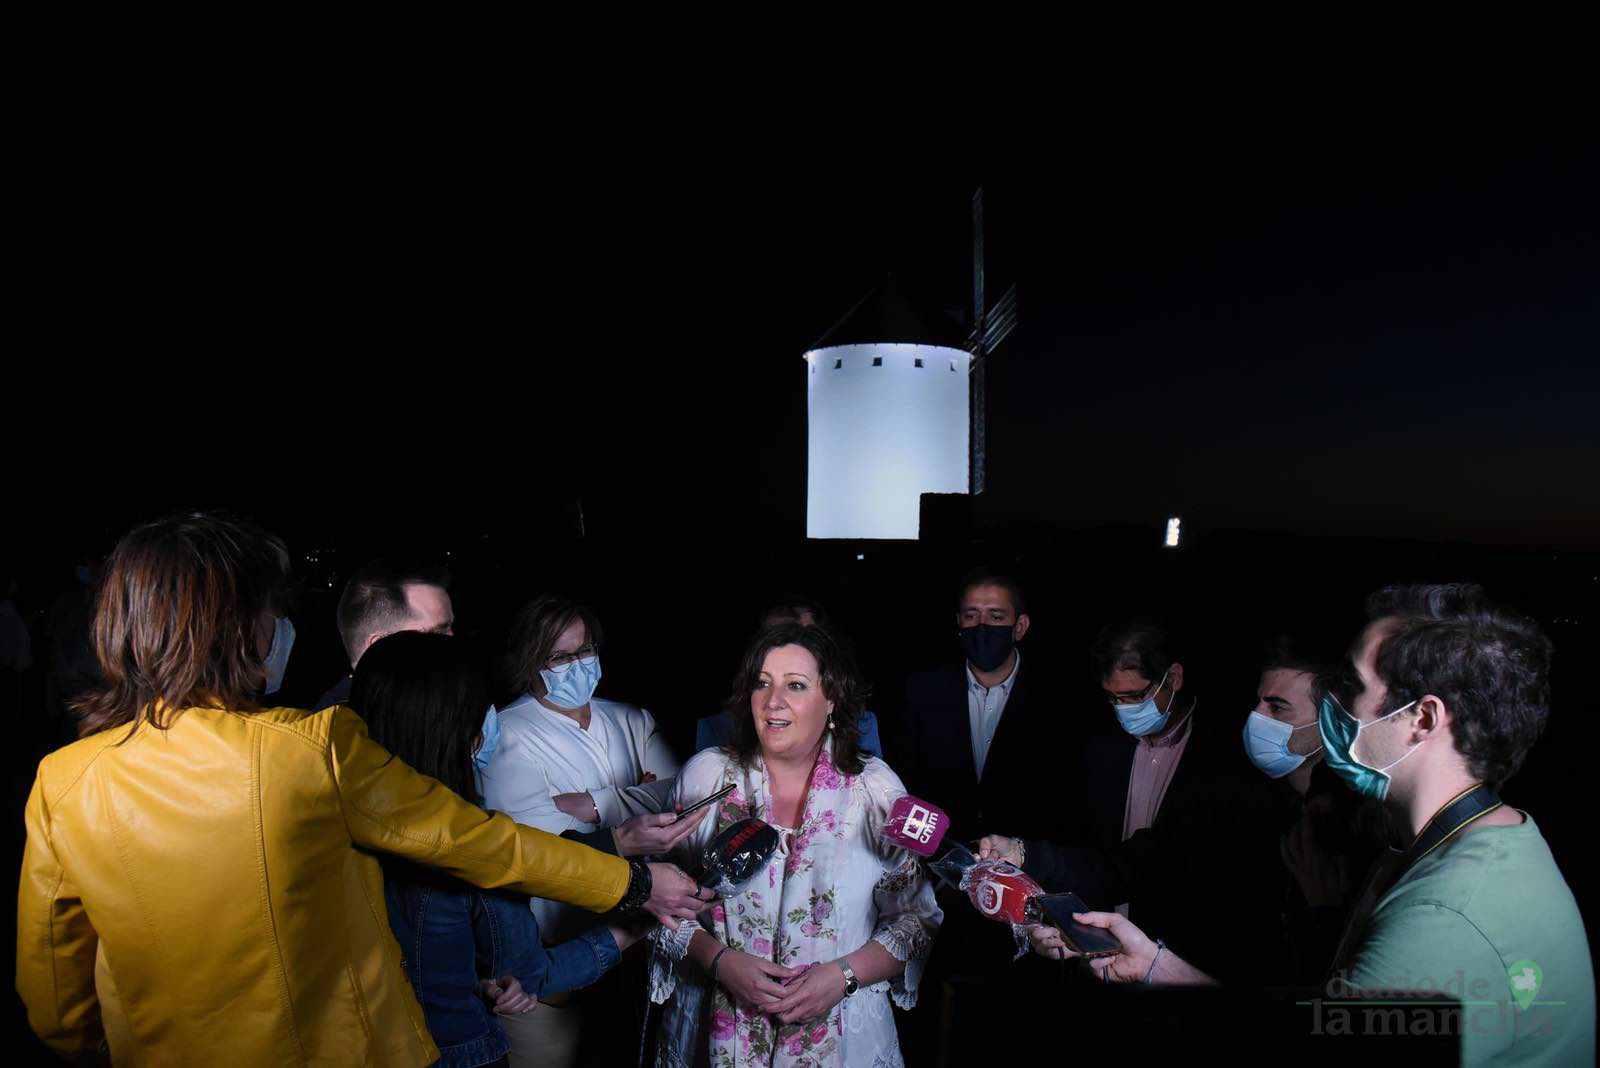 inauguracion iluminacion molinos herencia 5 - Herencia vuelve a inaugurar con una nueva iluminación artística sus molinos de viento